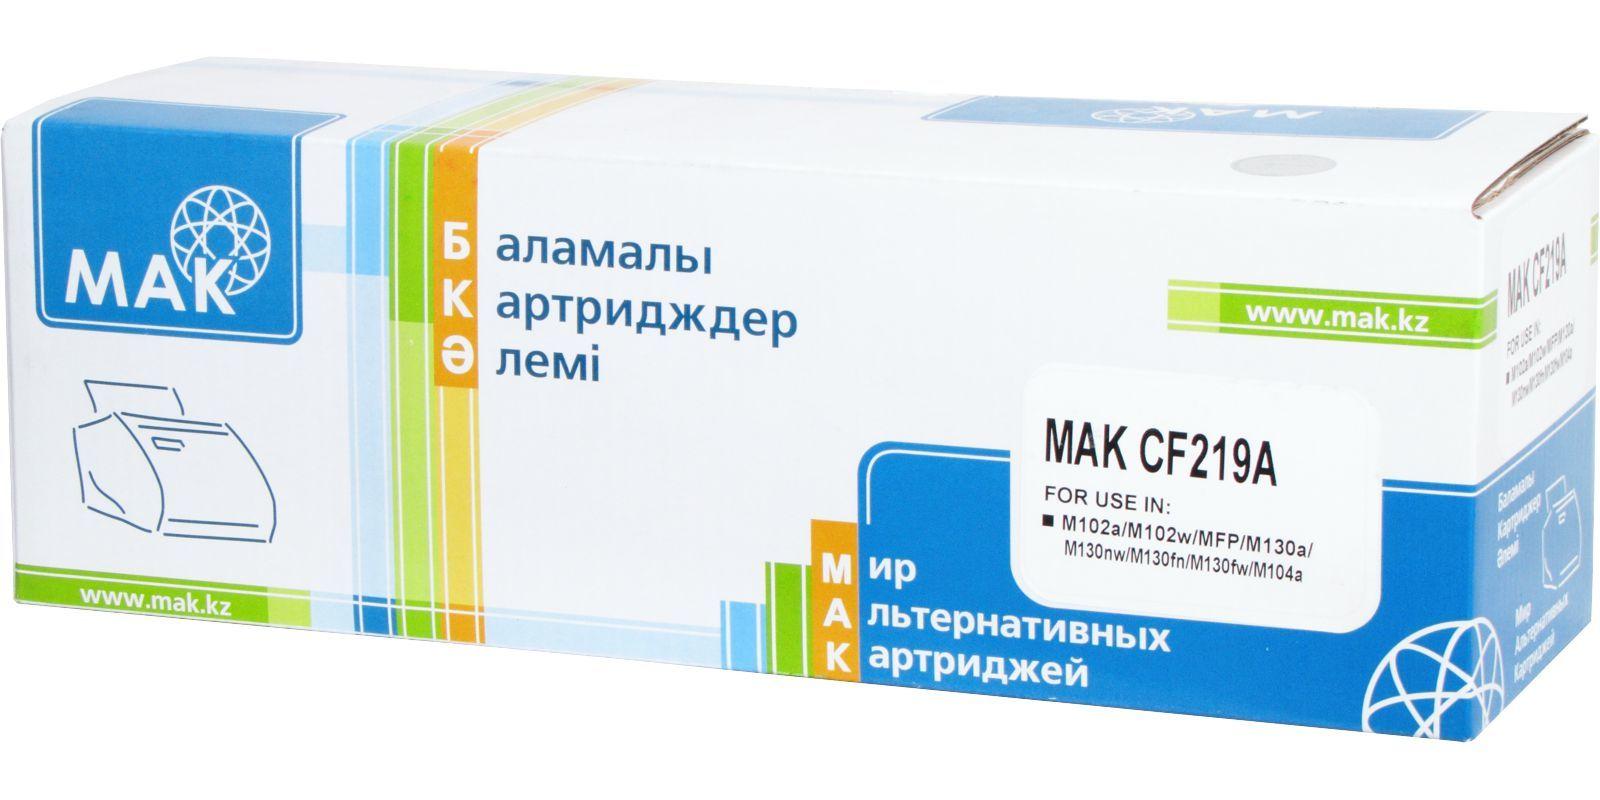 Картридж лазерный MAK© №19A CF219A+CHIP DRUM с ЧИПОМ !!!, черный, до 12000 стр, для HP фото